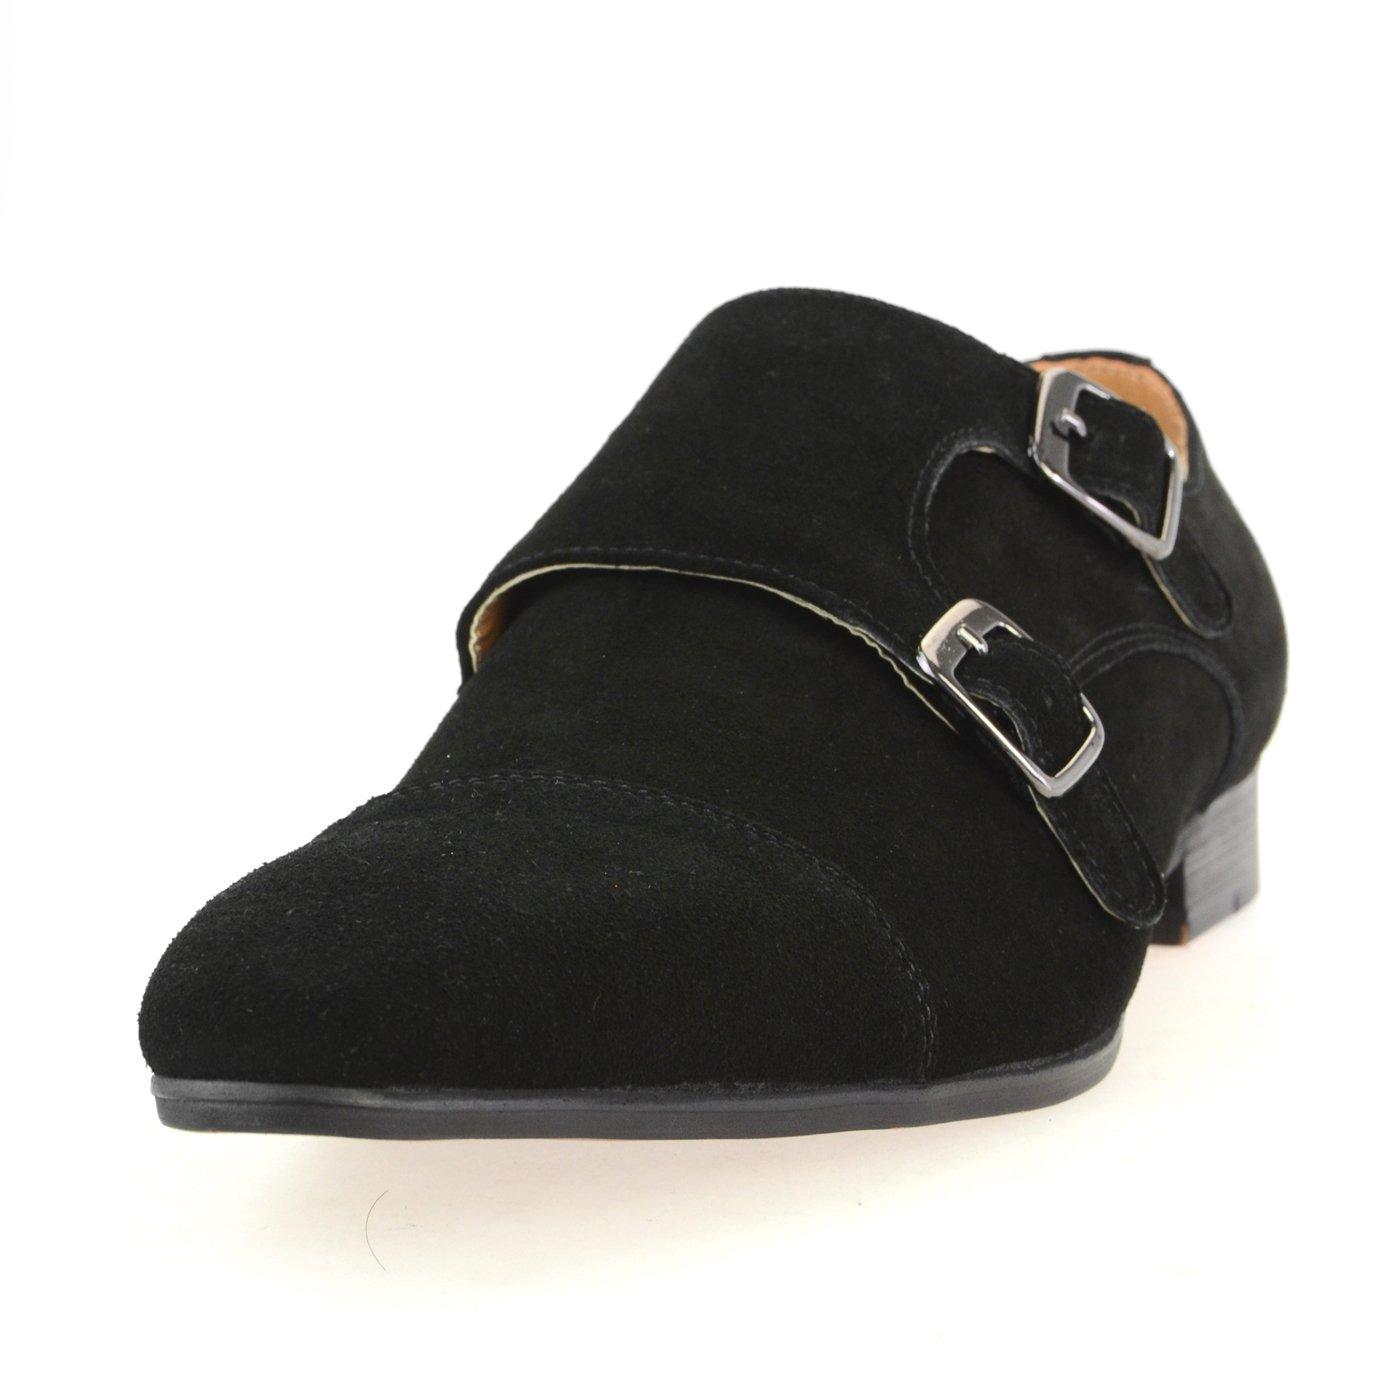 [ルシウス] LUCIUS 本革 20種類から選ぶ レザー メンズ ダブル モンクストラップ メダリオン ストレートチップ 革靴 紳士靴 B076DWLQBK 25.0 cm 3E HA17480-4 ブラック HA17480-4 ブラック 25.0 cm 3E